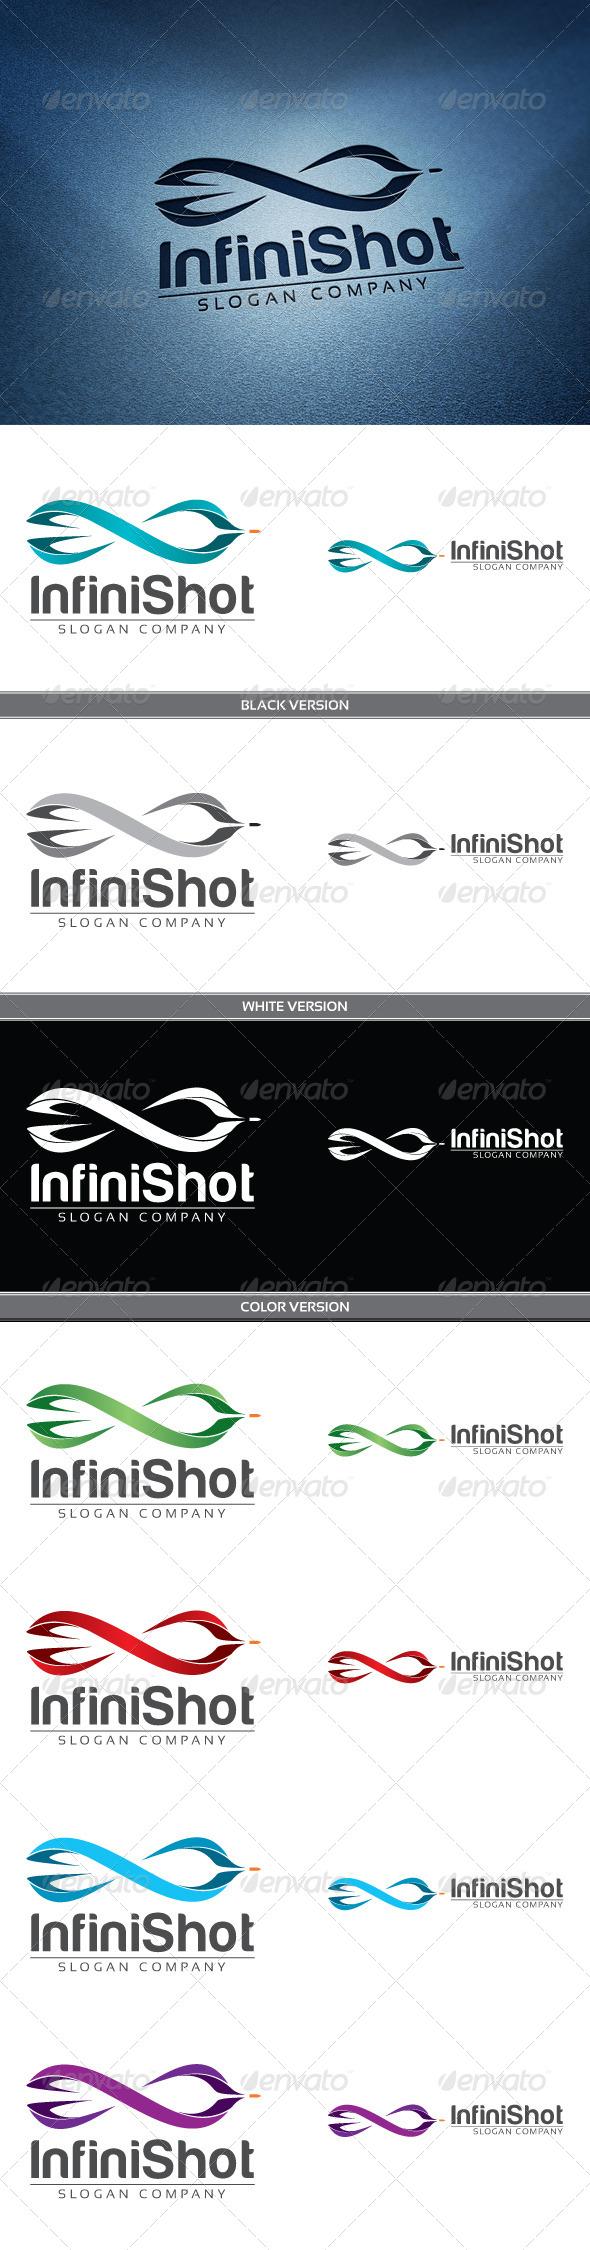 InfiniShot - Symbols Logo Templates